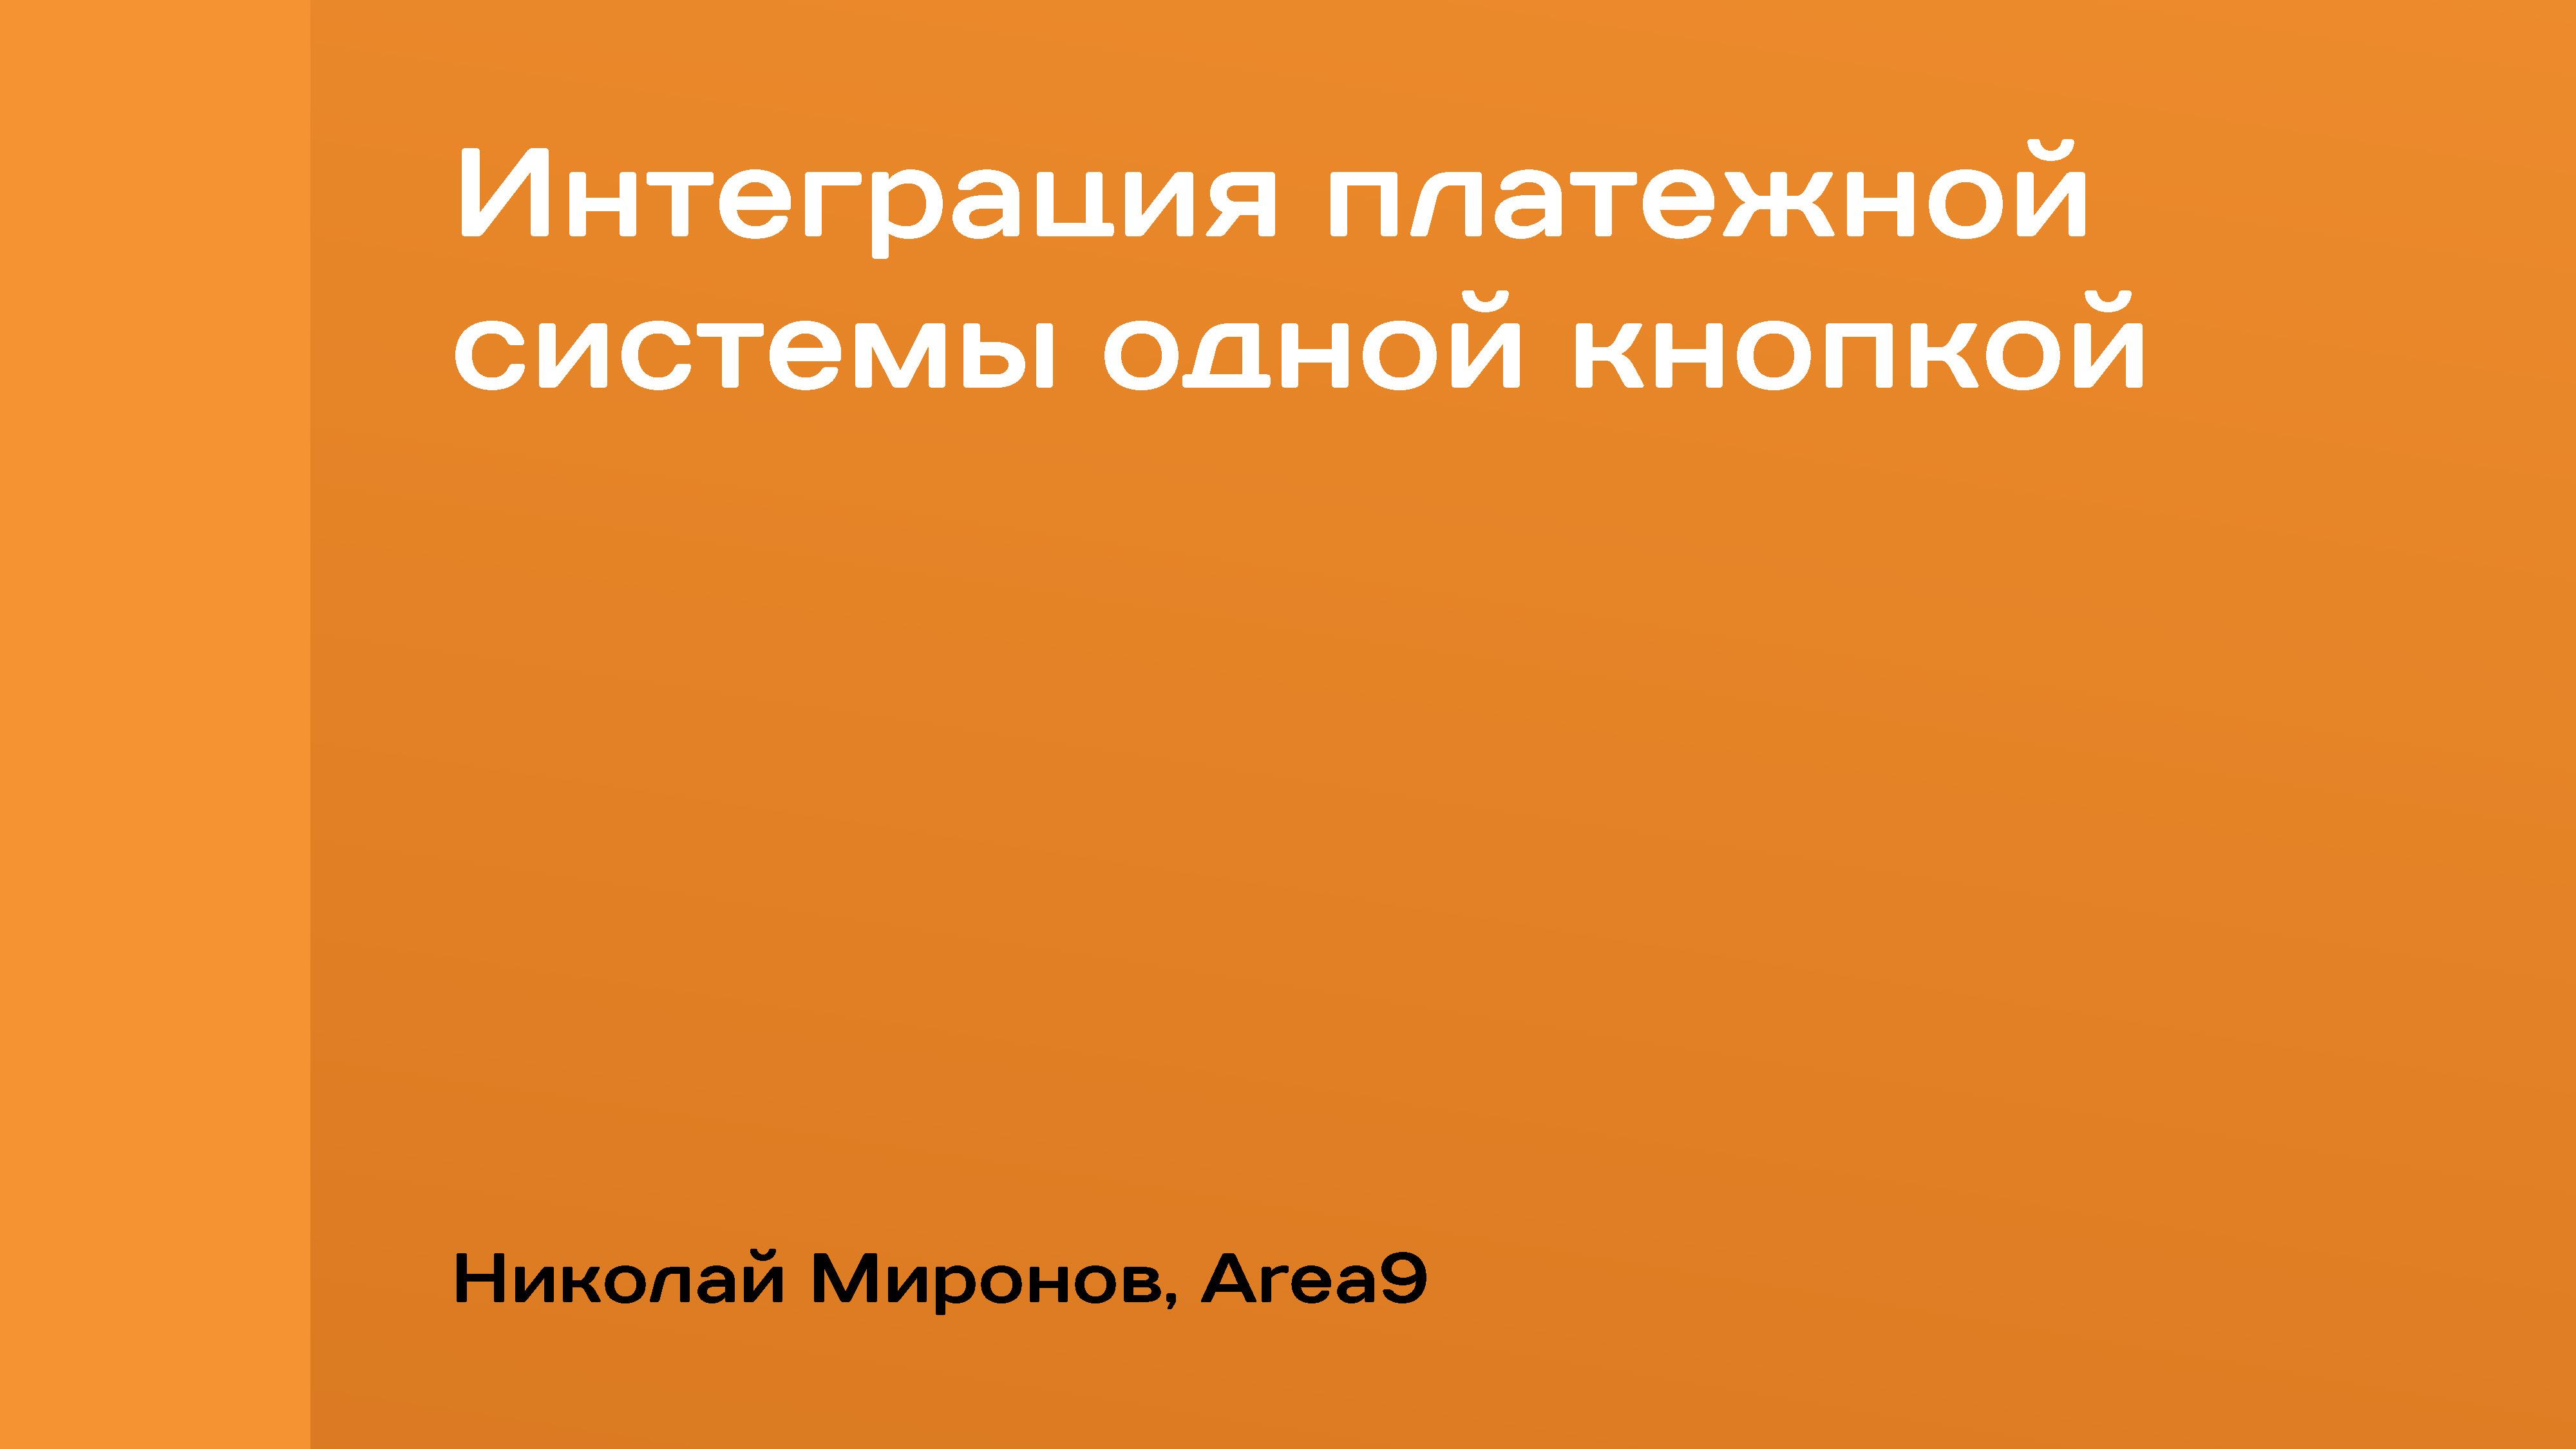 Nikolay_Mironov_-_Integratsia_platezhnoy_sistemy_odnoy_knopkoy_Страница_01